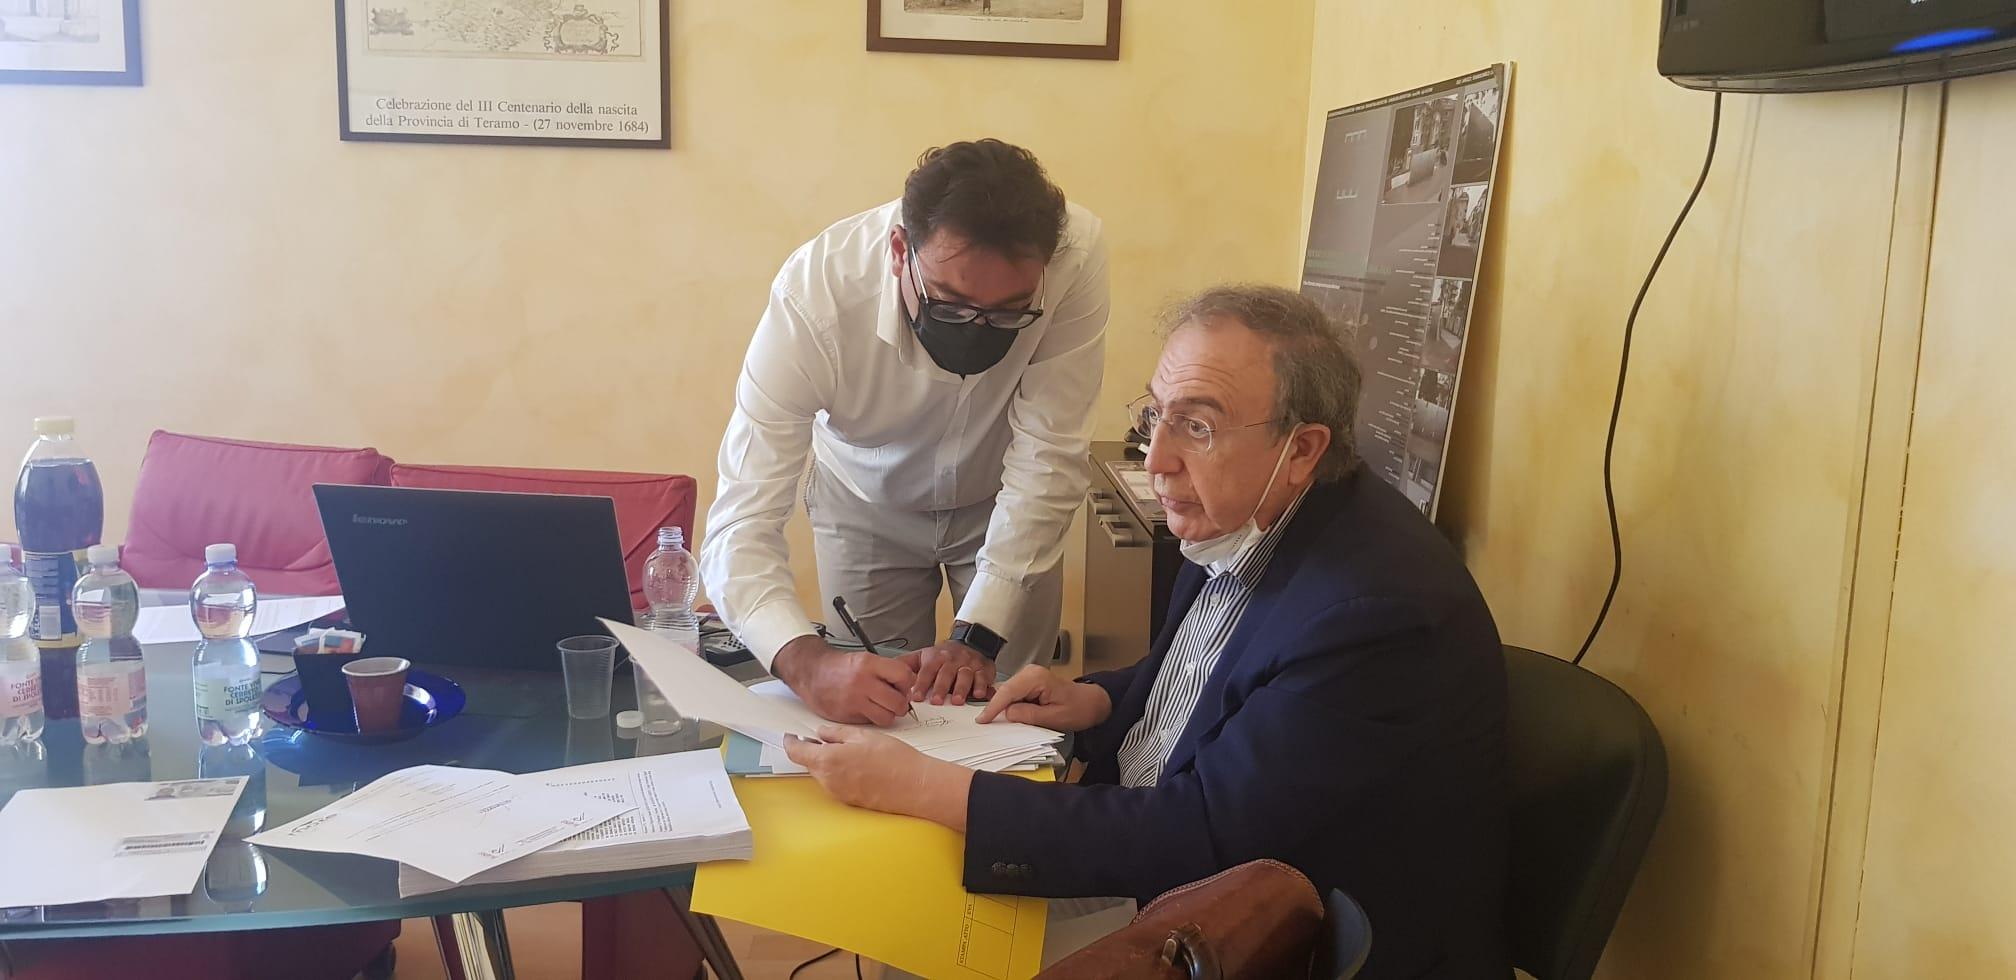 """La Teramo Ambiente ufficialmente in house: """"Giornata storica"""" FOTO"""